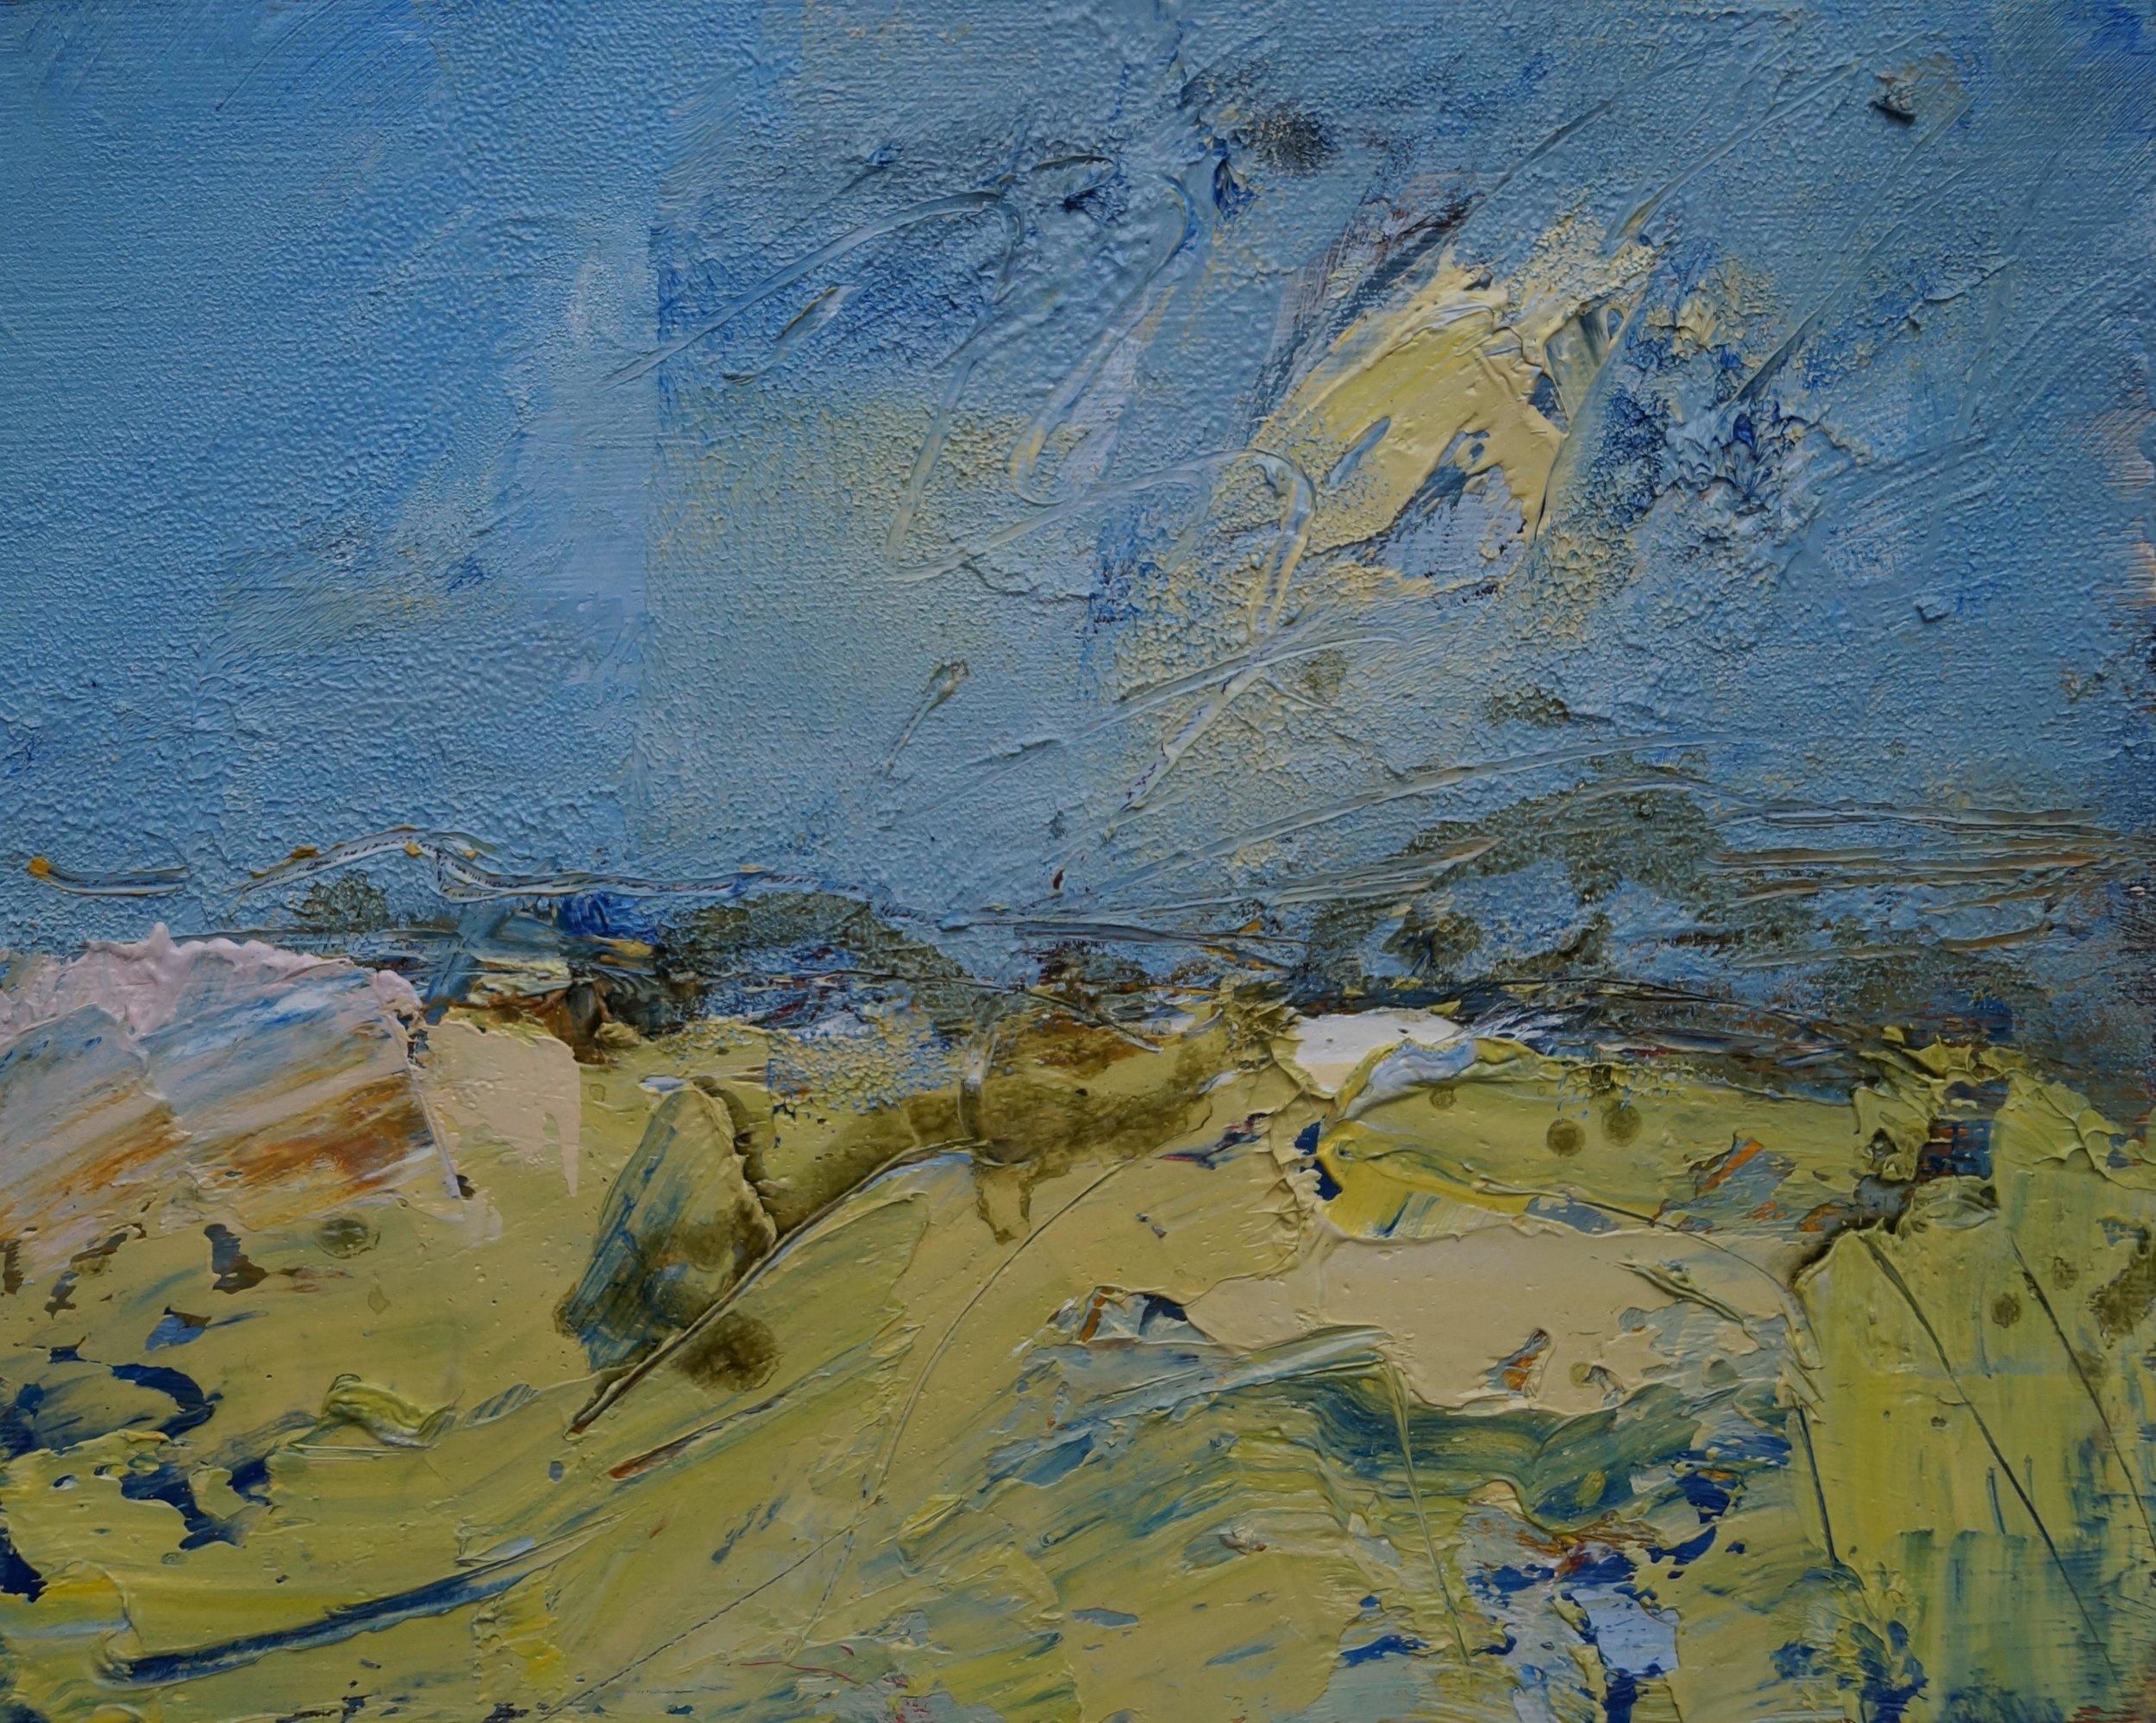 Alison tylesley oil Sketch Pale Landscape II.JPG